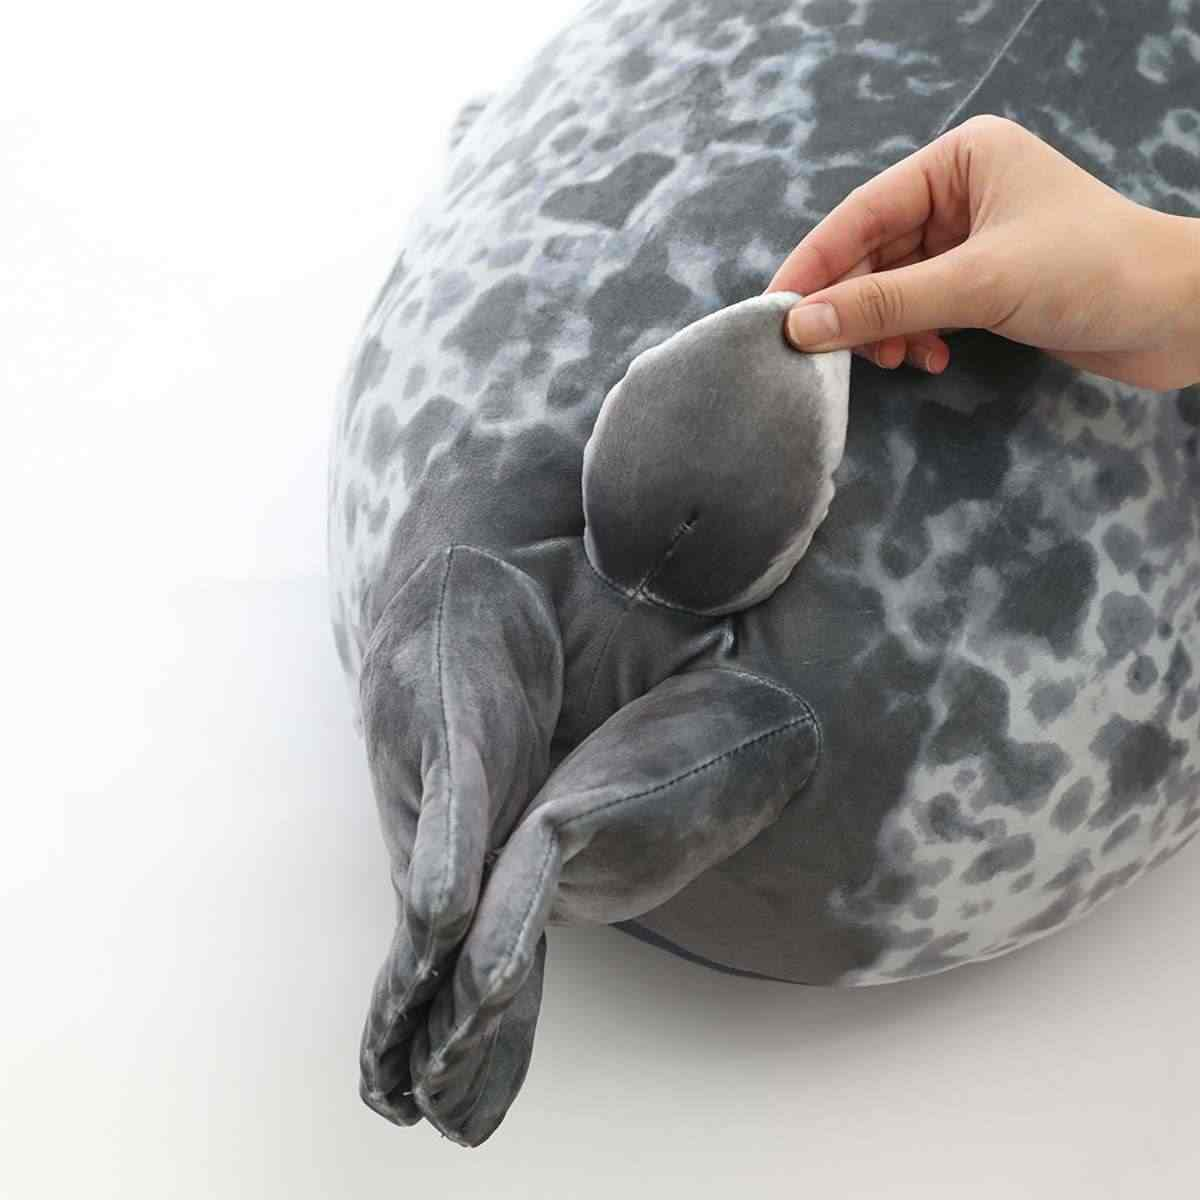 สิงโตทะเลน่ารัก Plush ของเล่น 3D ความแปลกใหม่โยนหมอน Soft Seal Plush ตุ๊กตา Plush พิธีขึ้นบ้านใหม่ PARTY หมอน